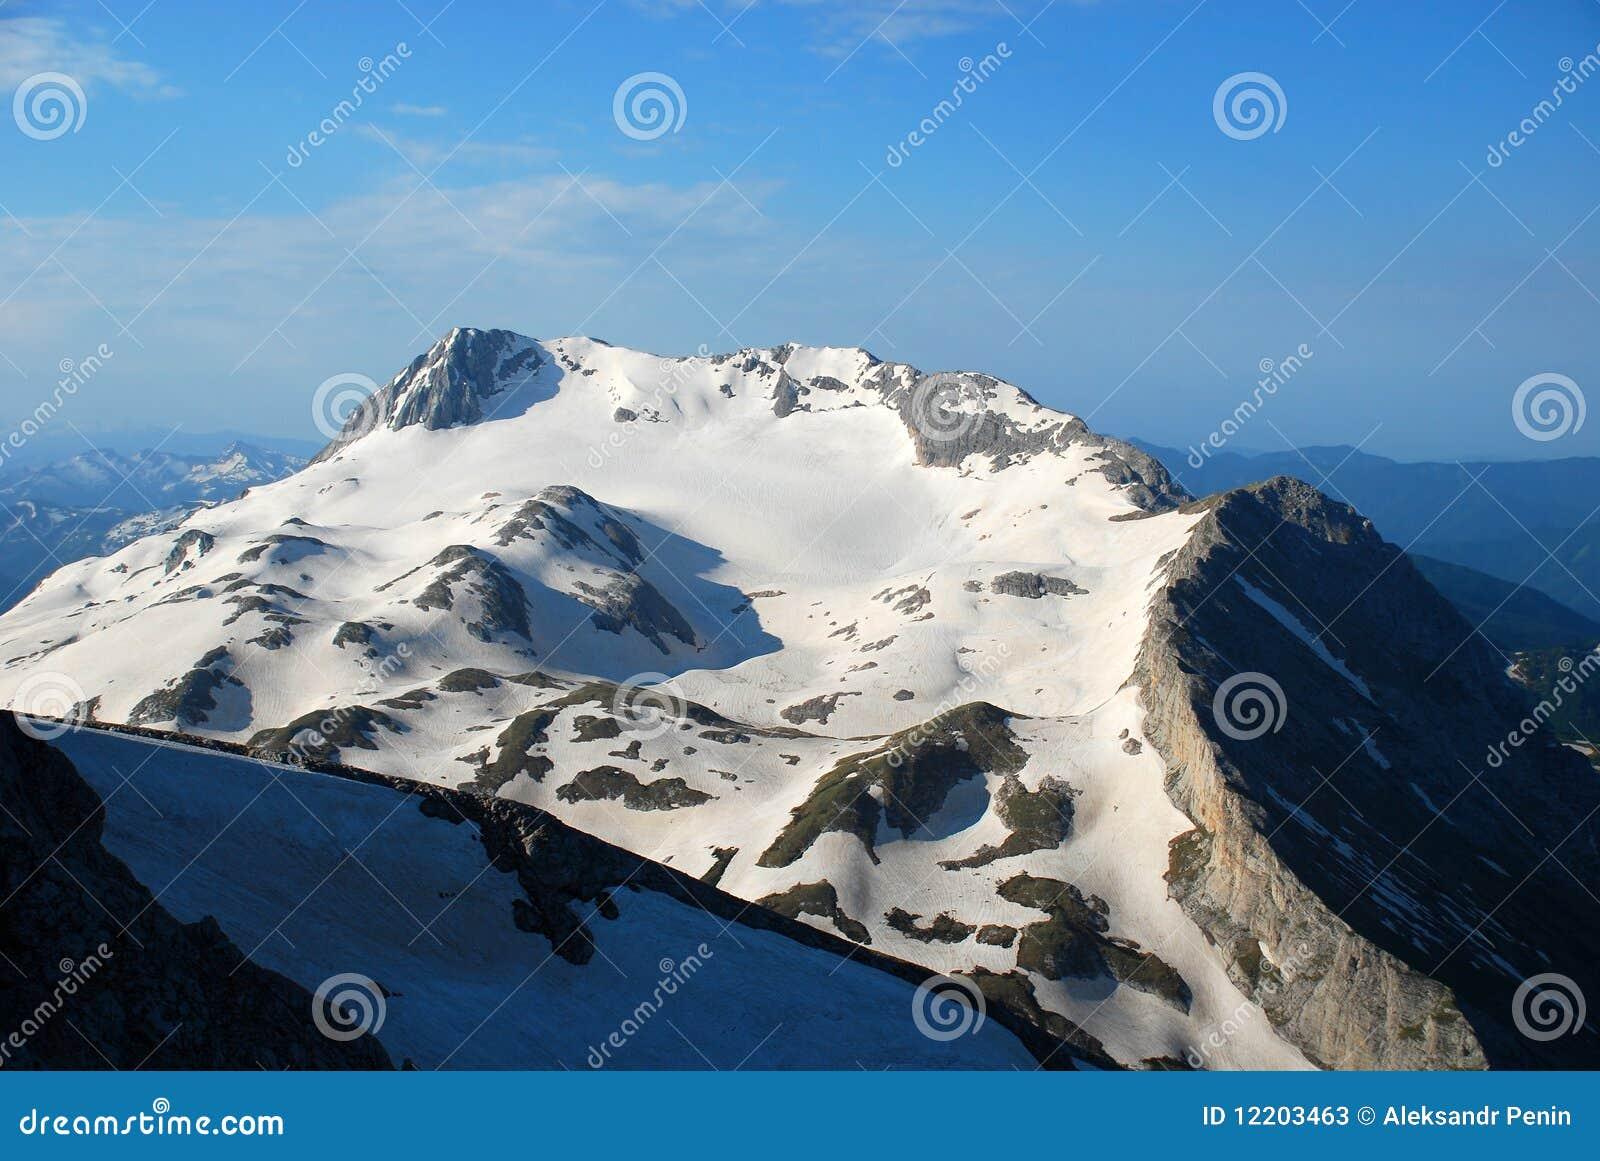 Berg in einem Farbton